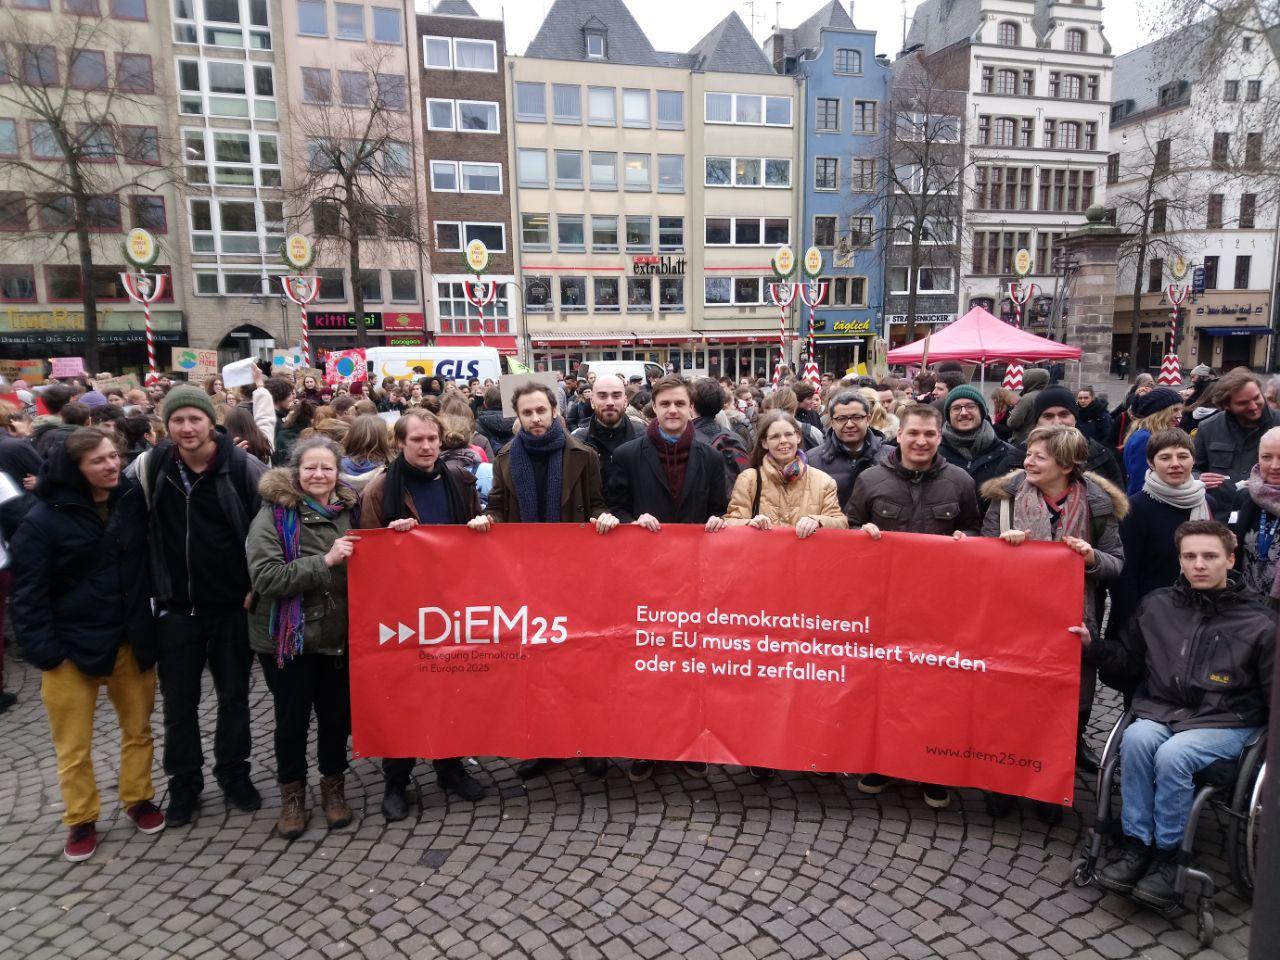 Los activistas de DiEM25 se reúnen en Colonia para impulsar la toma ciudadana de las instituciones europeas el próximo mayo